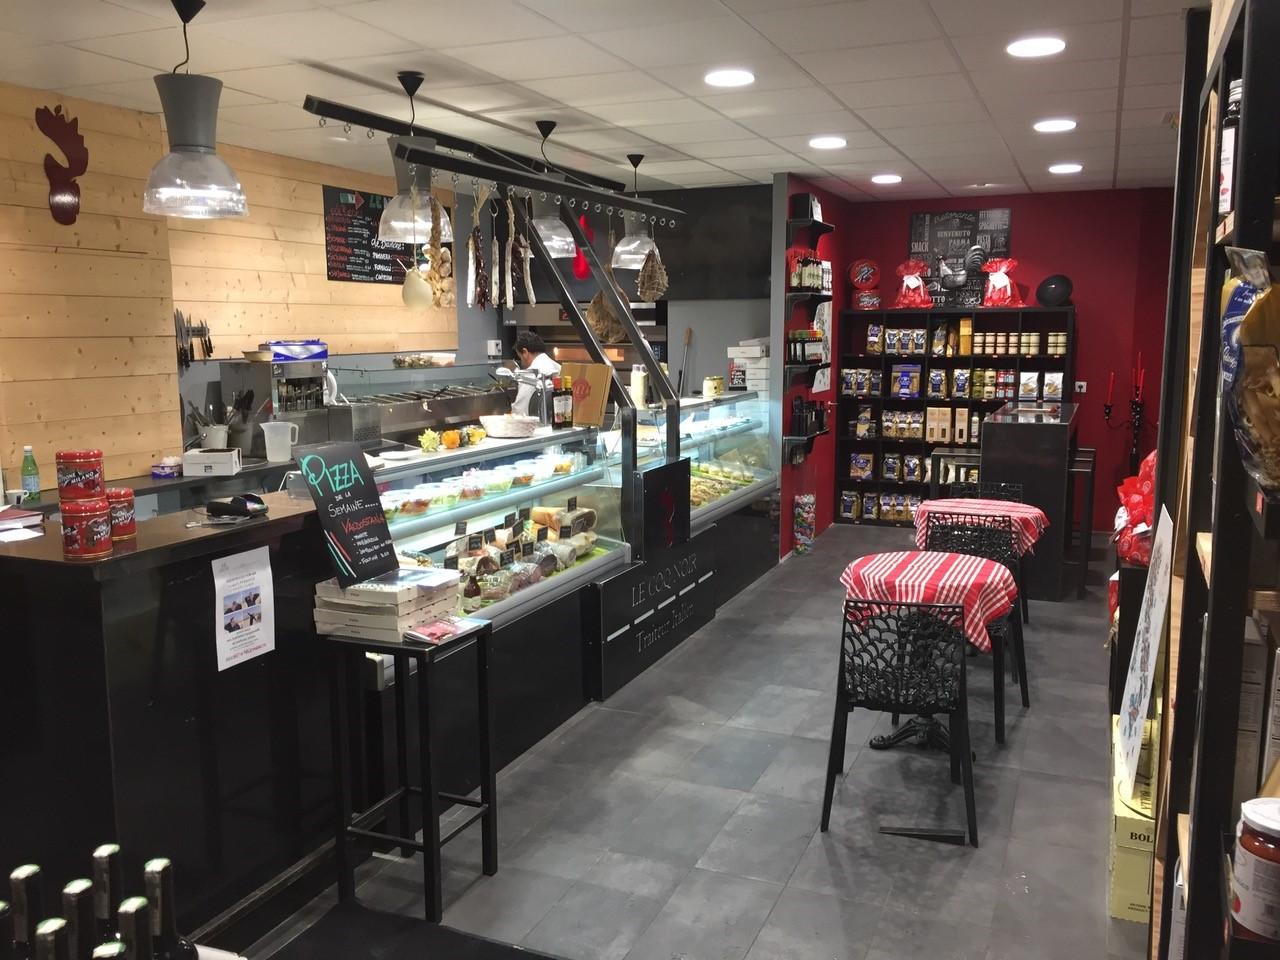 dimitri-danger-architecte-restaurant-pizzeria-caen03